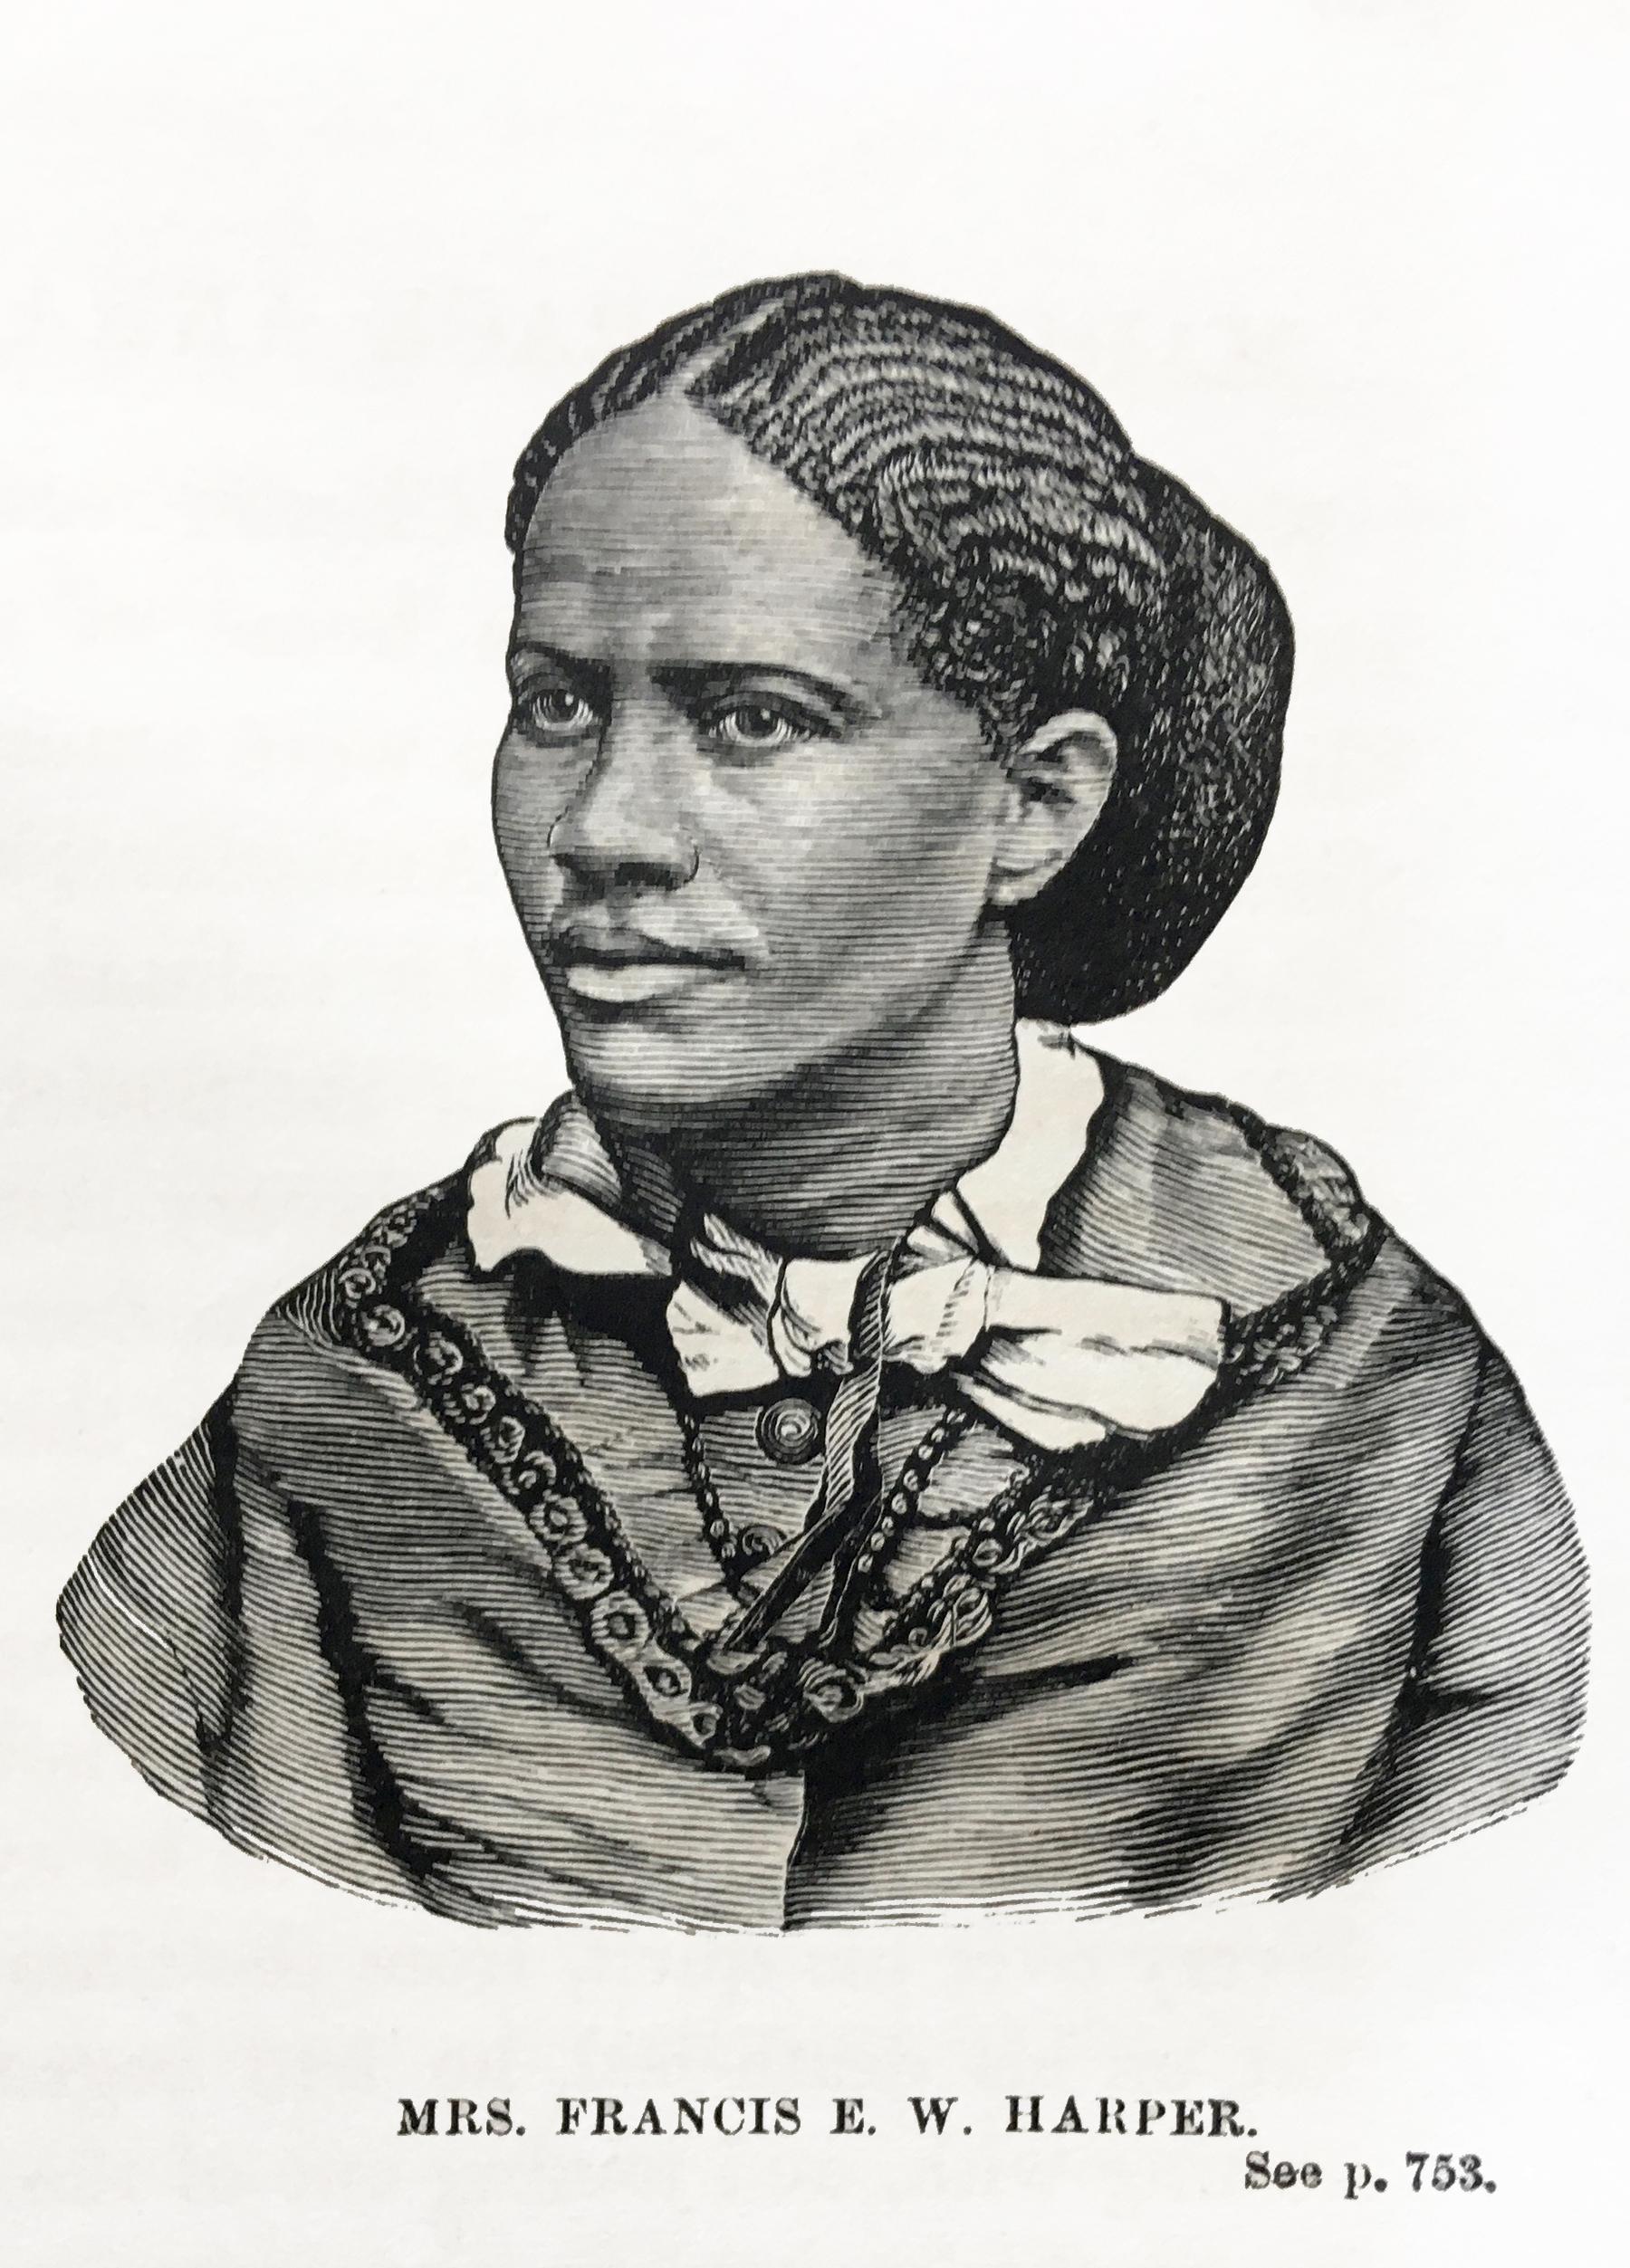 Mrs. Francis E.W. Harper